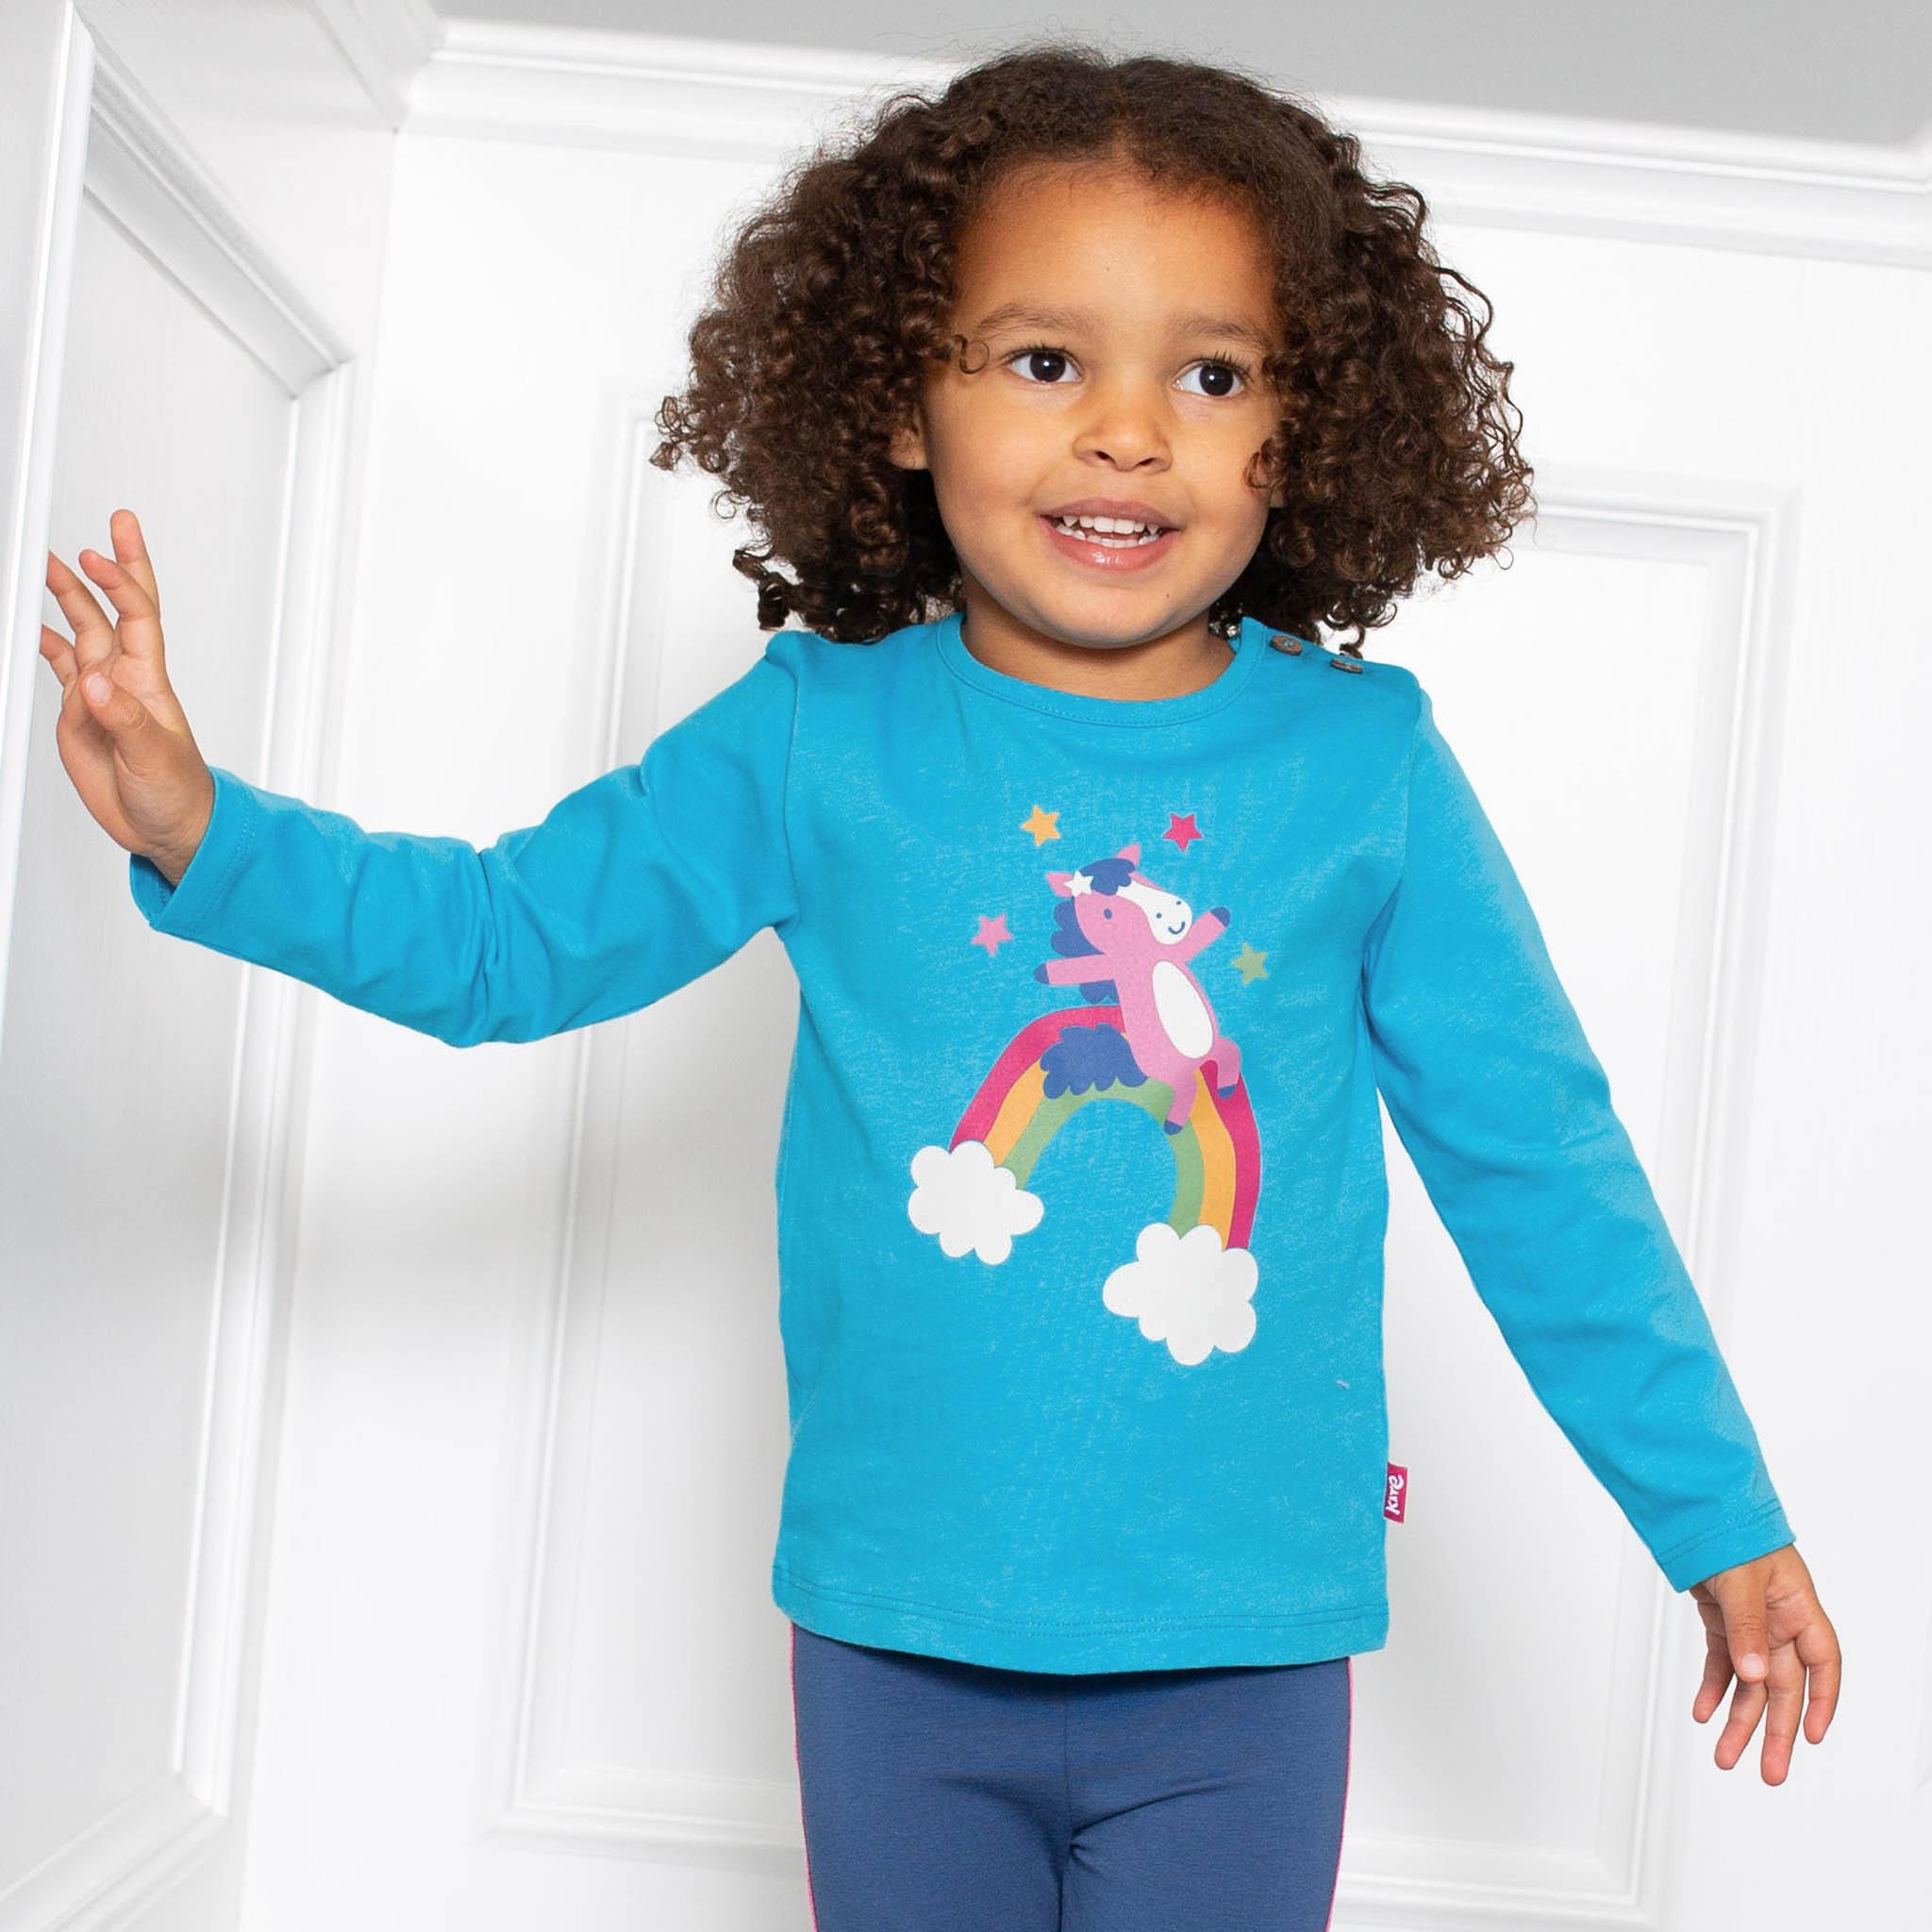 SALE £15.20 Kite Rainbow Pony T-shirt (was £19.00)